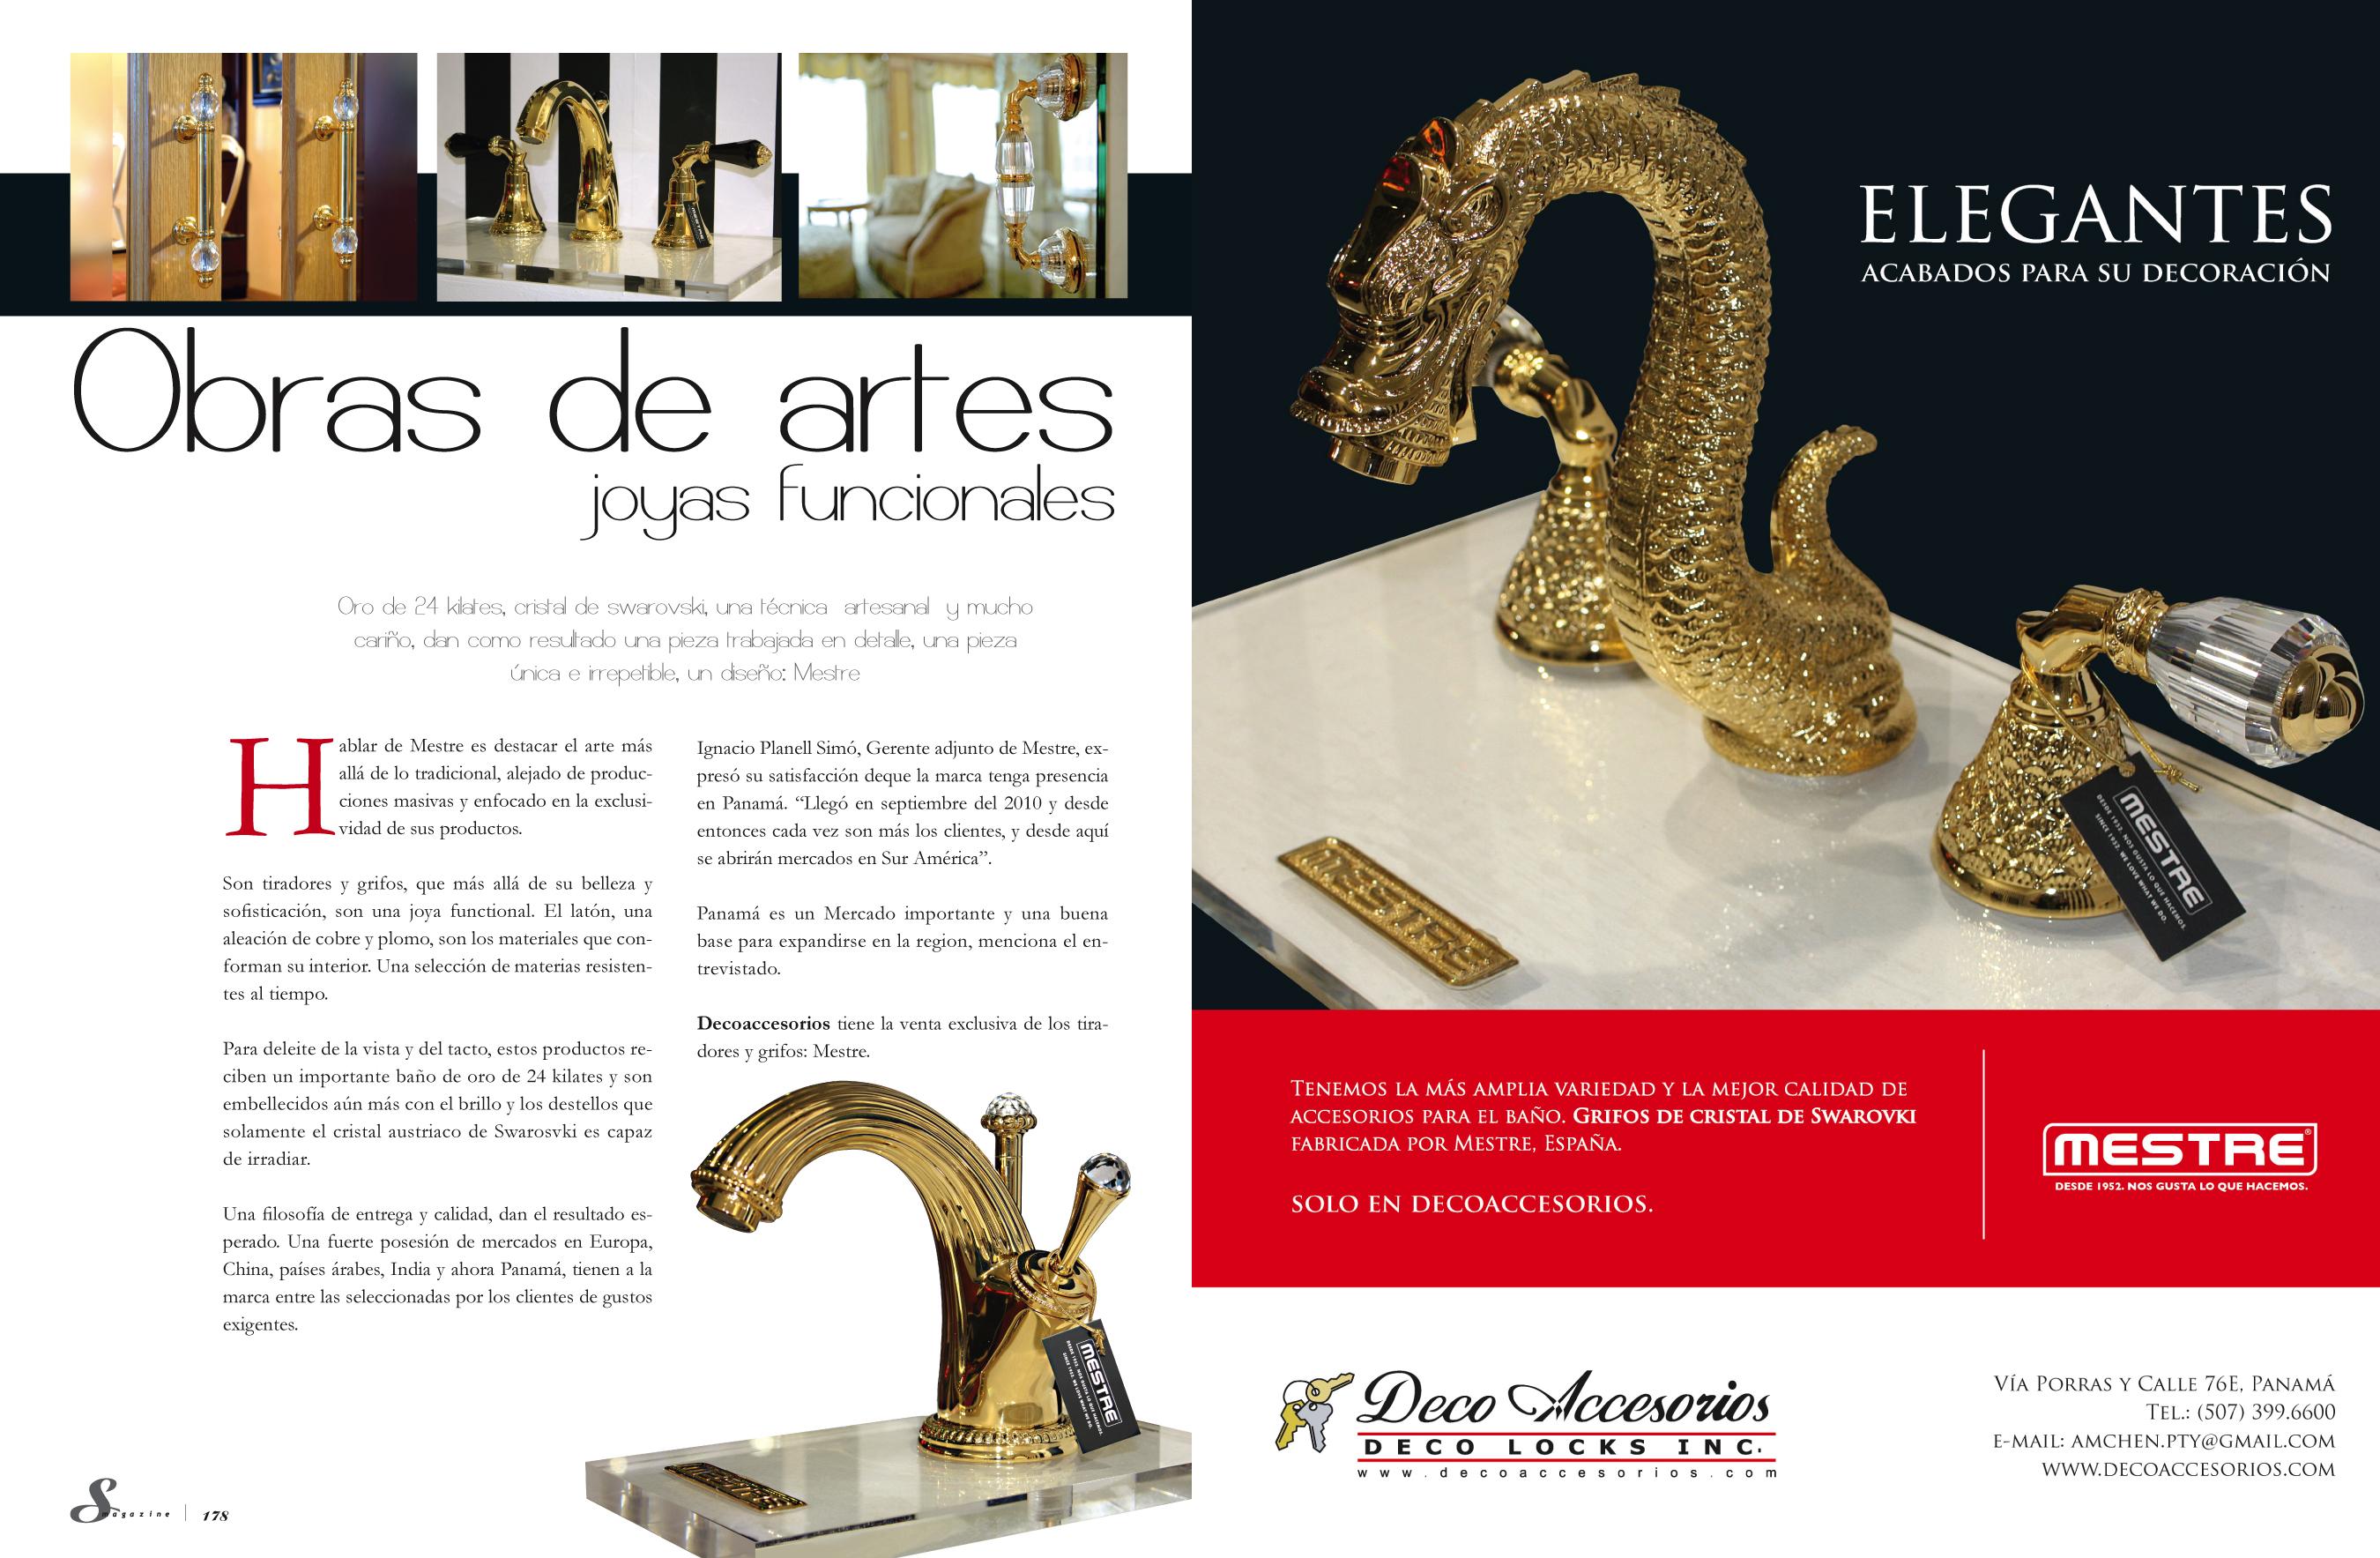 Mestre luxury bathroom taps and decorative door brassware in Panama!